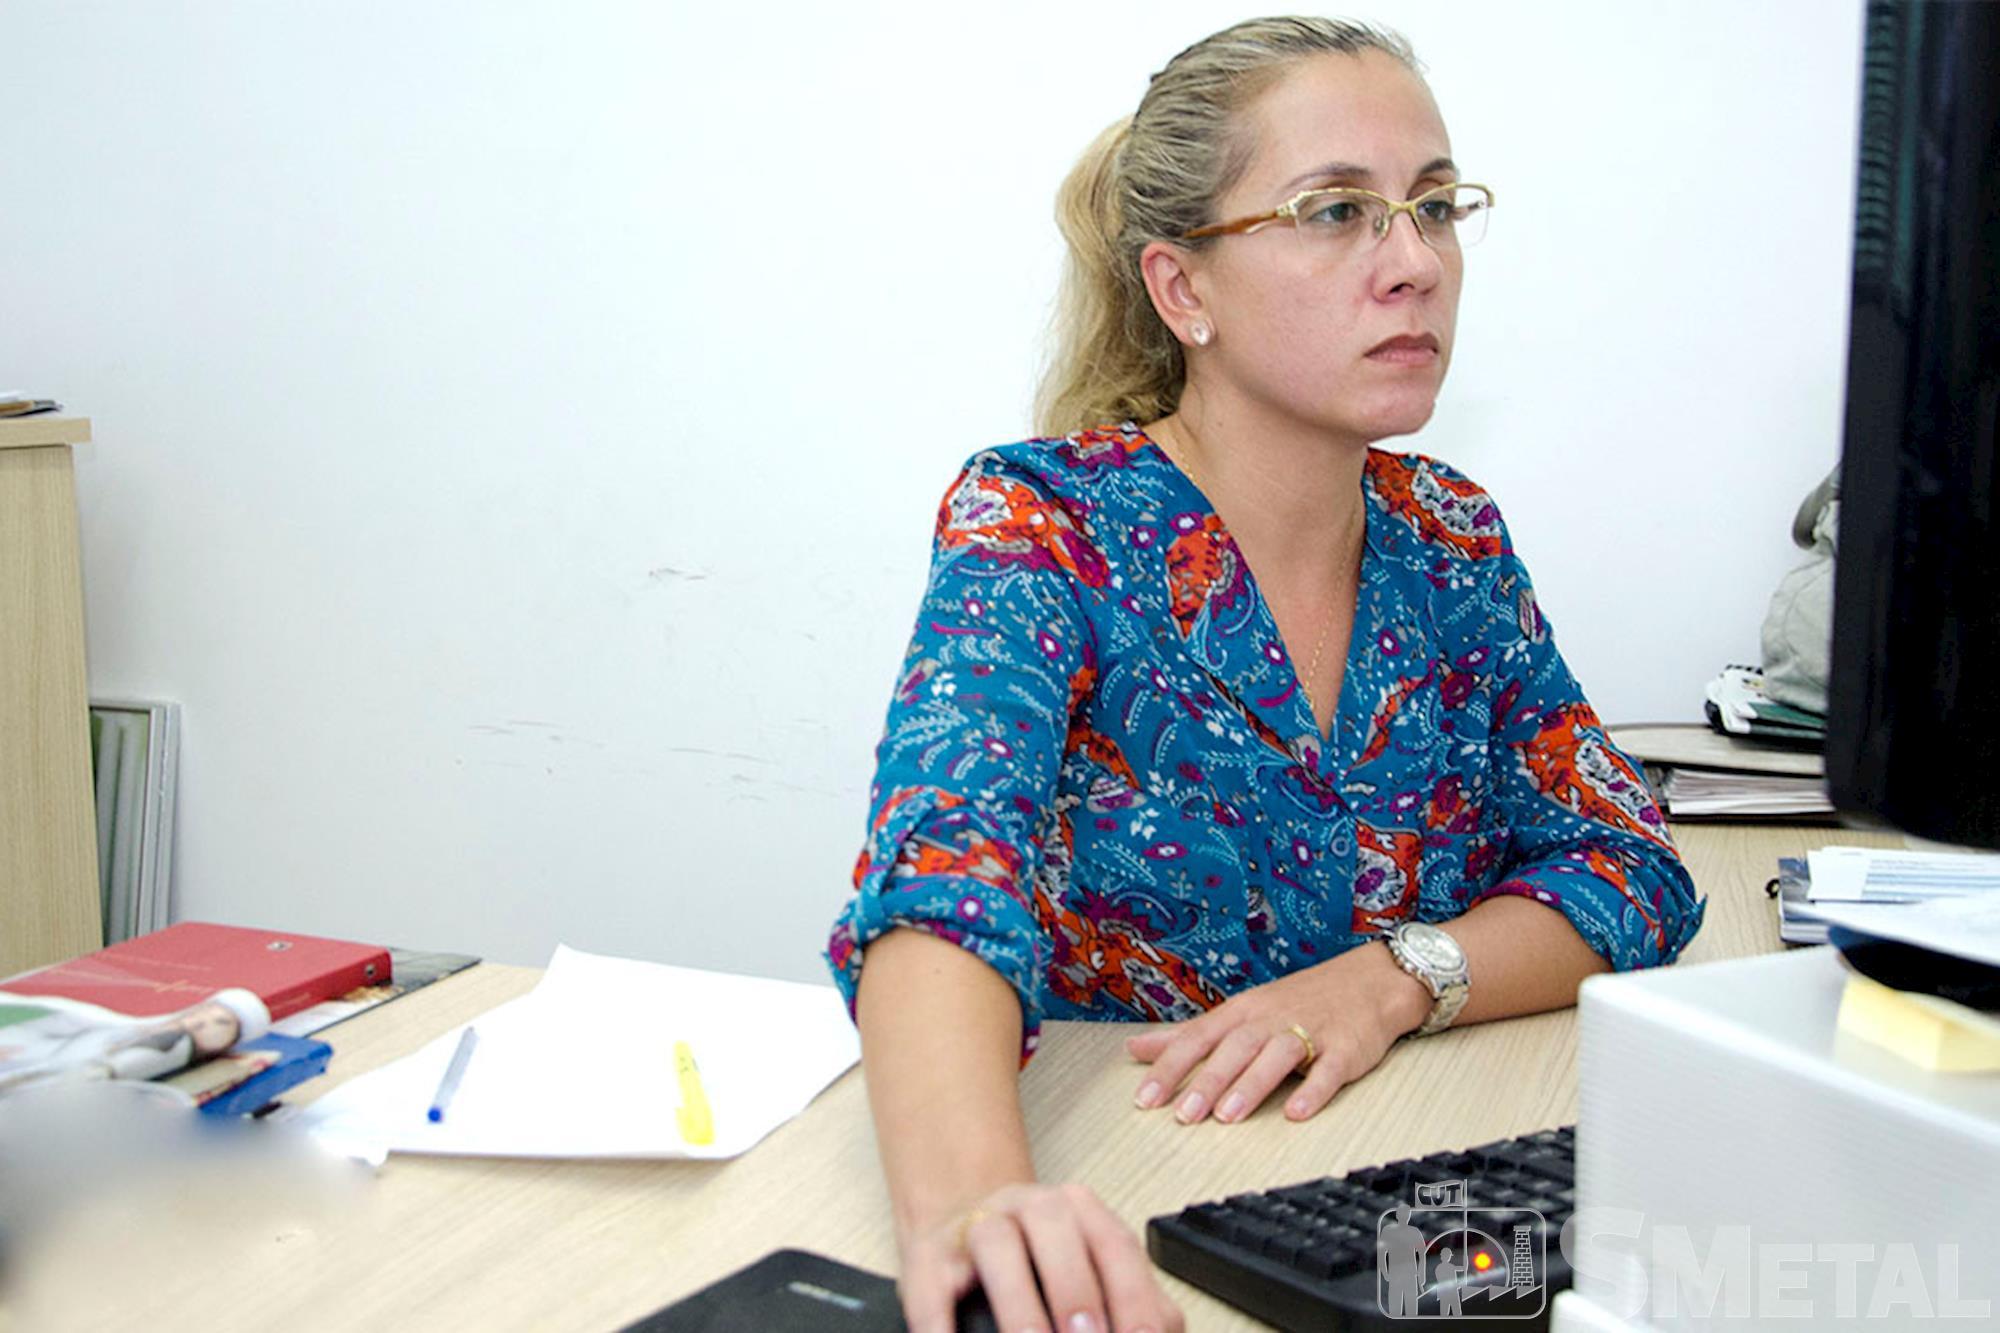 Segundo a advogada Érika Mendes, do departamento jurídico do SMetal, há peritos que sequer saem de seus consultórios para realizar as perícias, ,